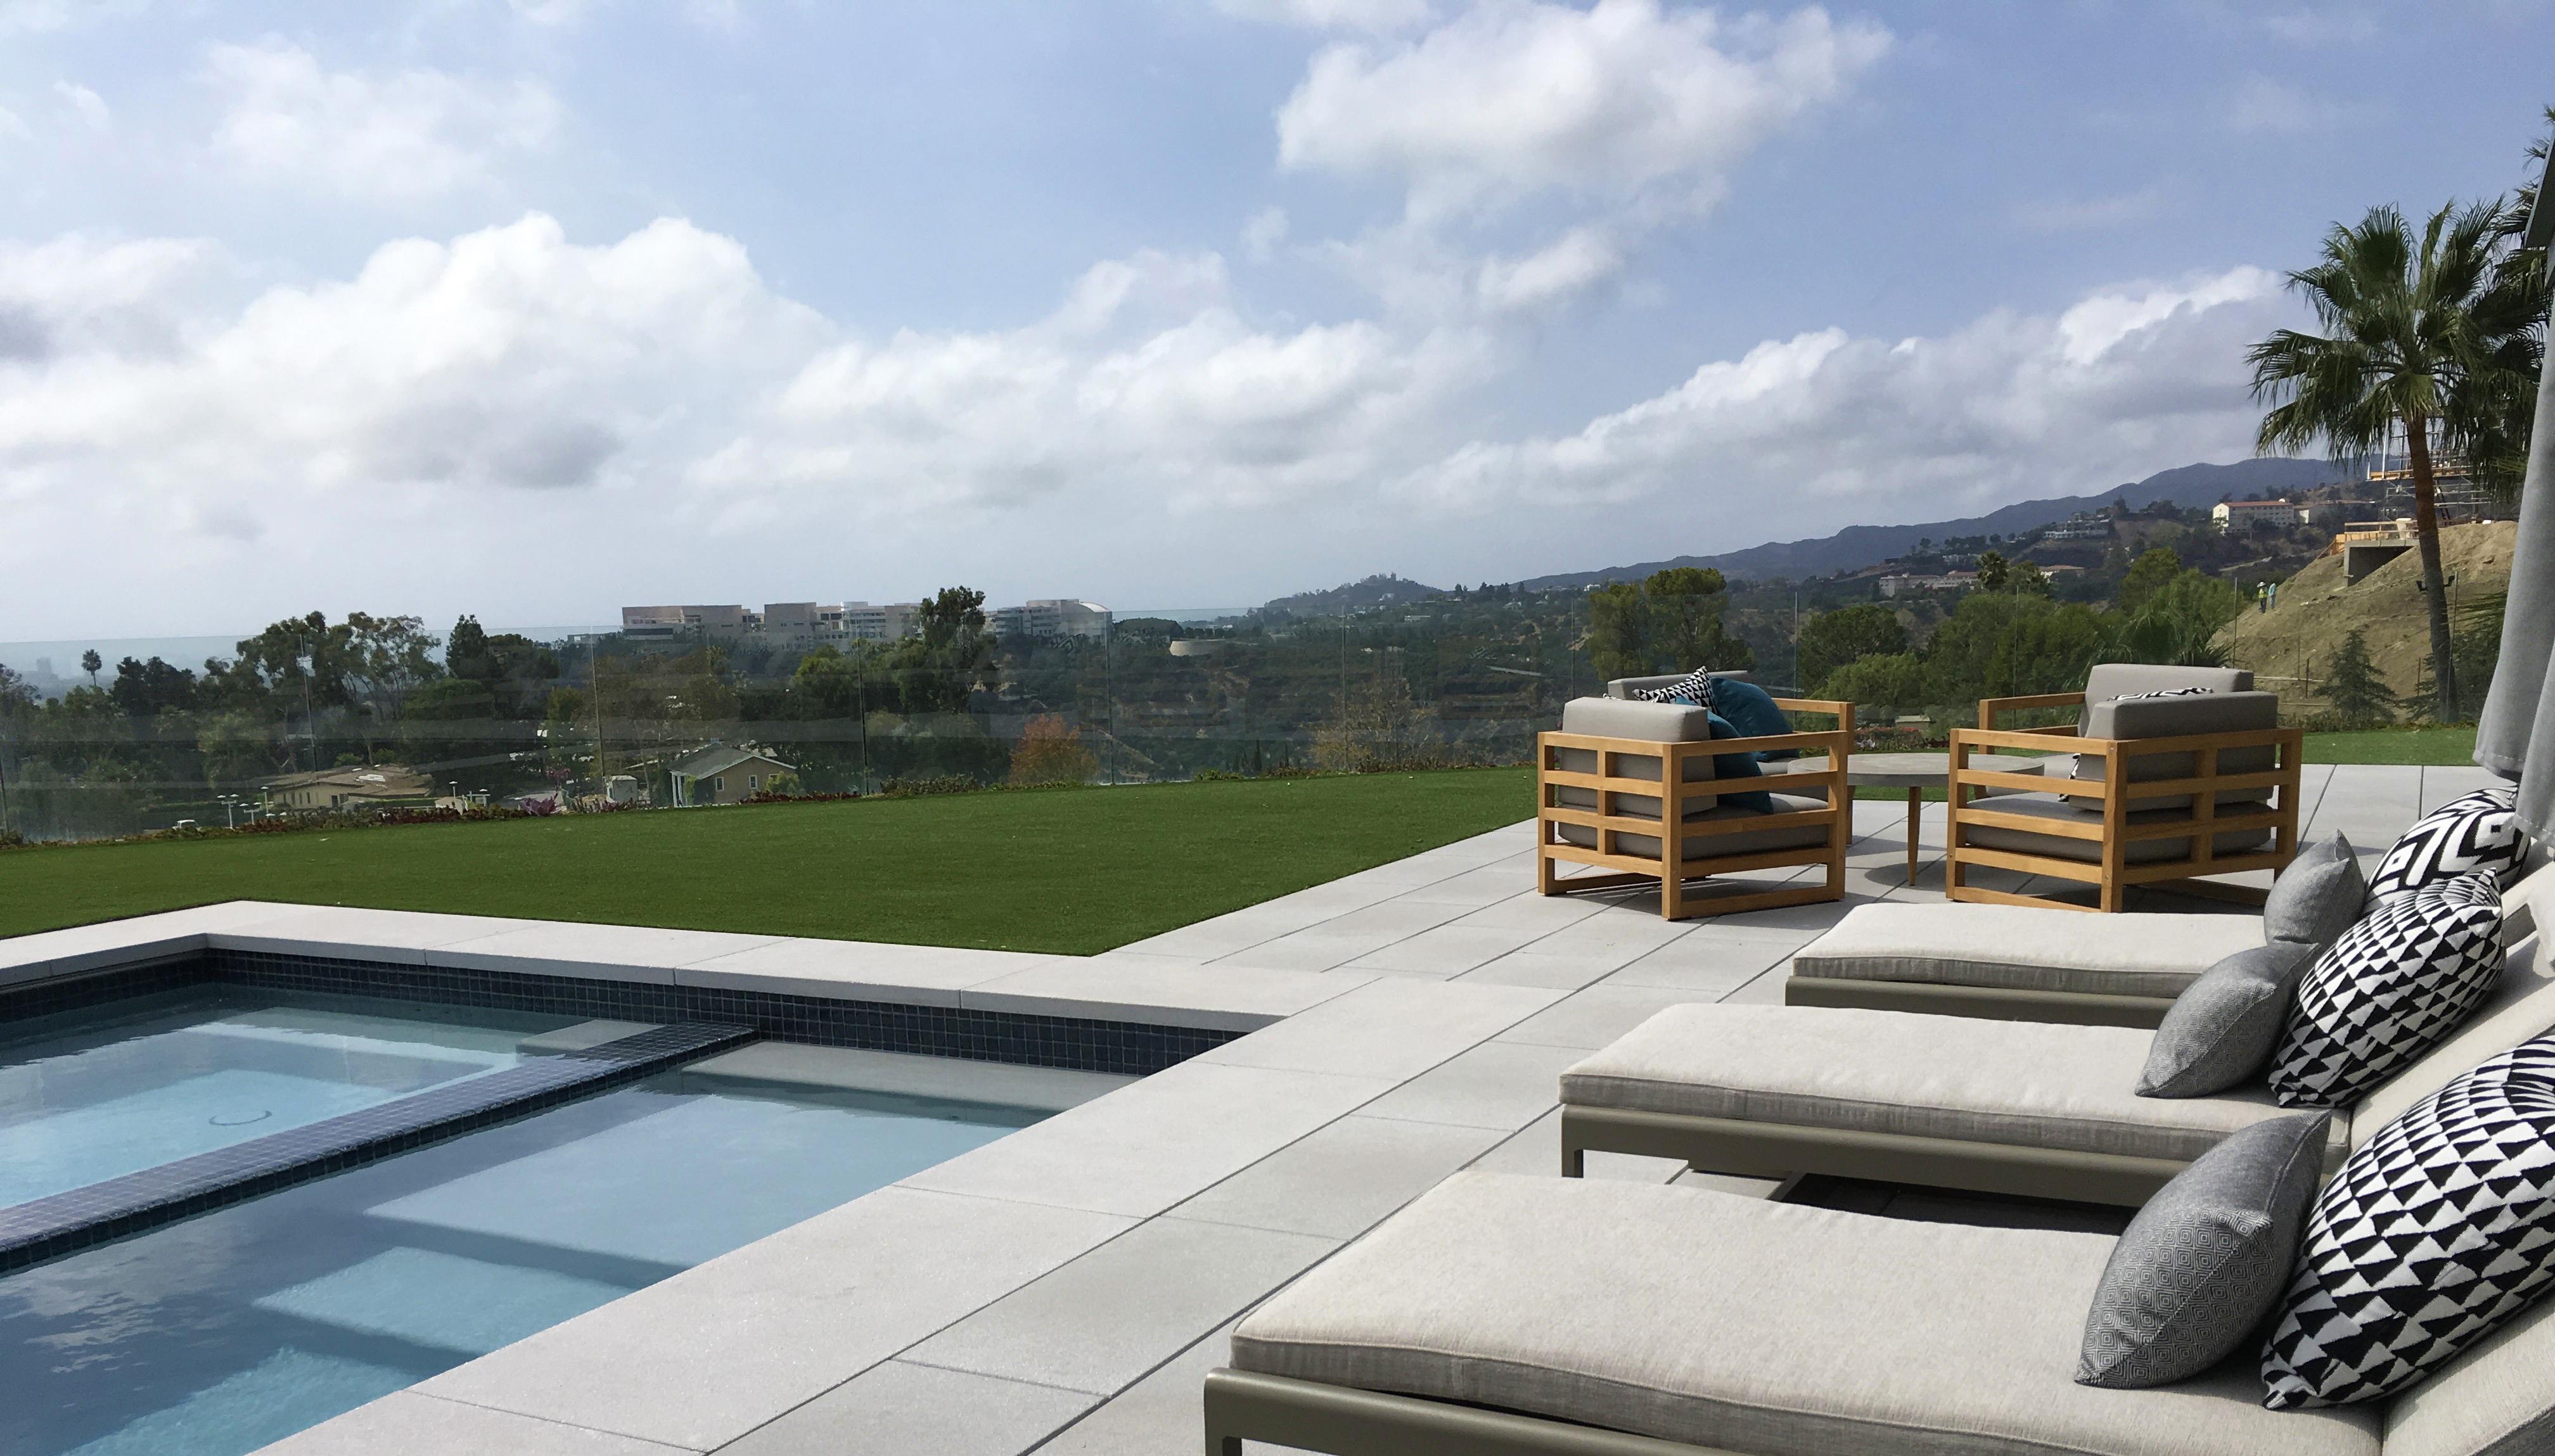 pool paving2